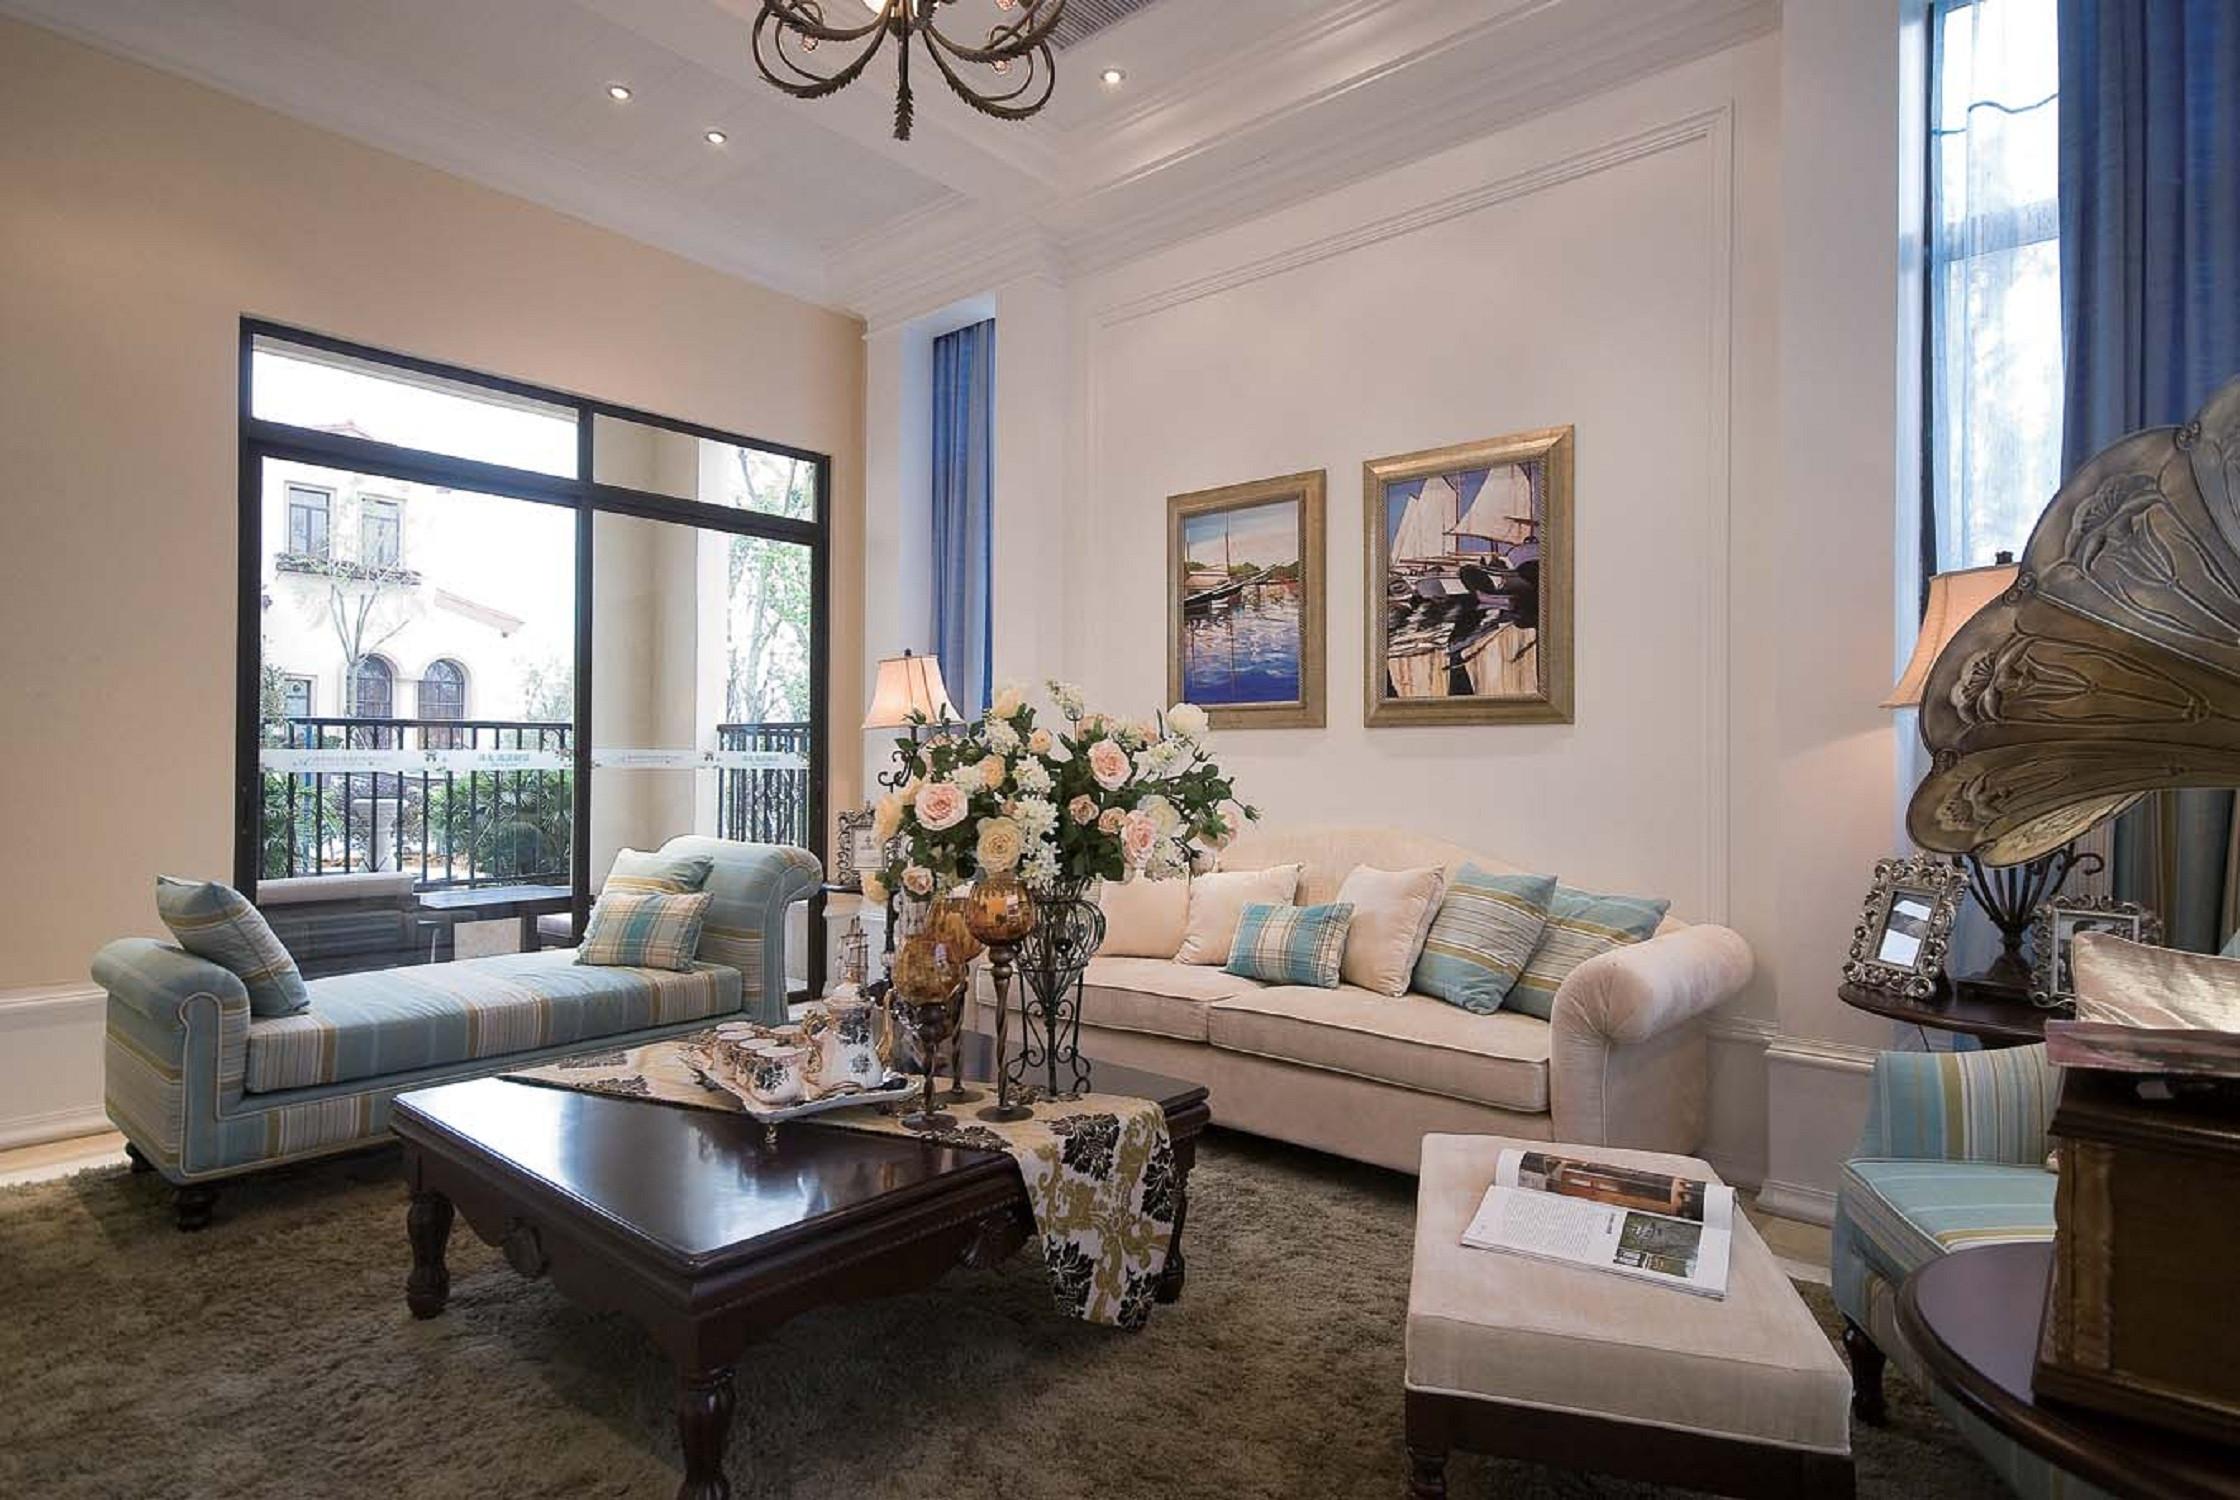 简美别墅装修沙发背景墙图片